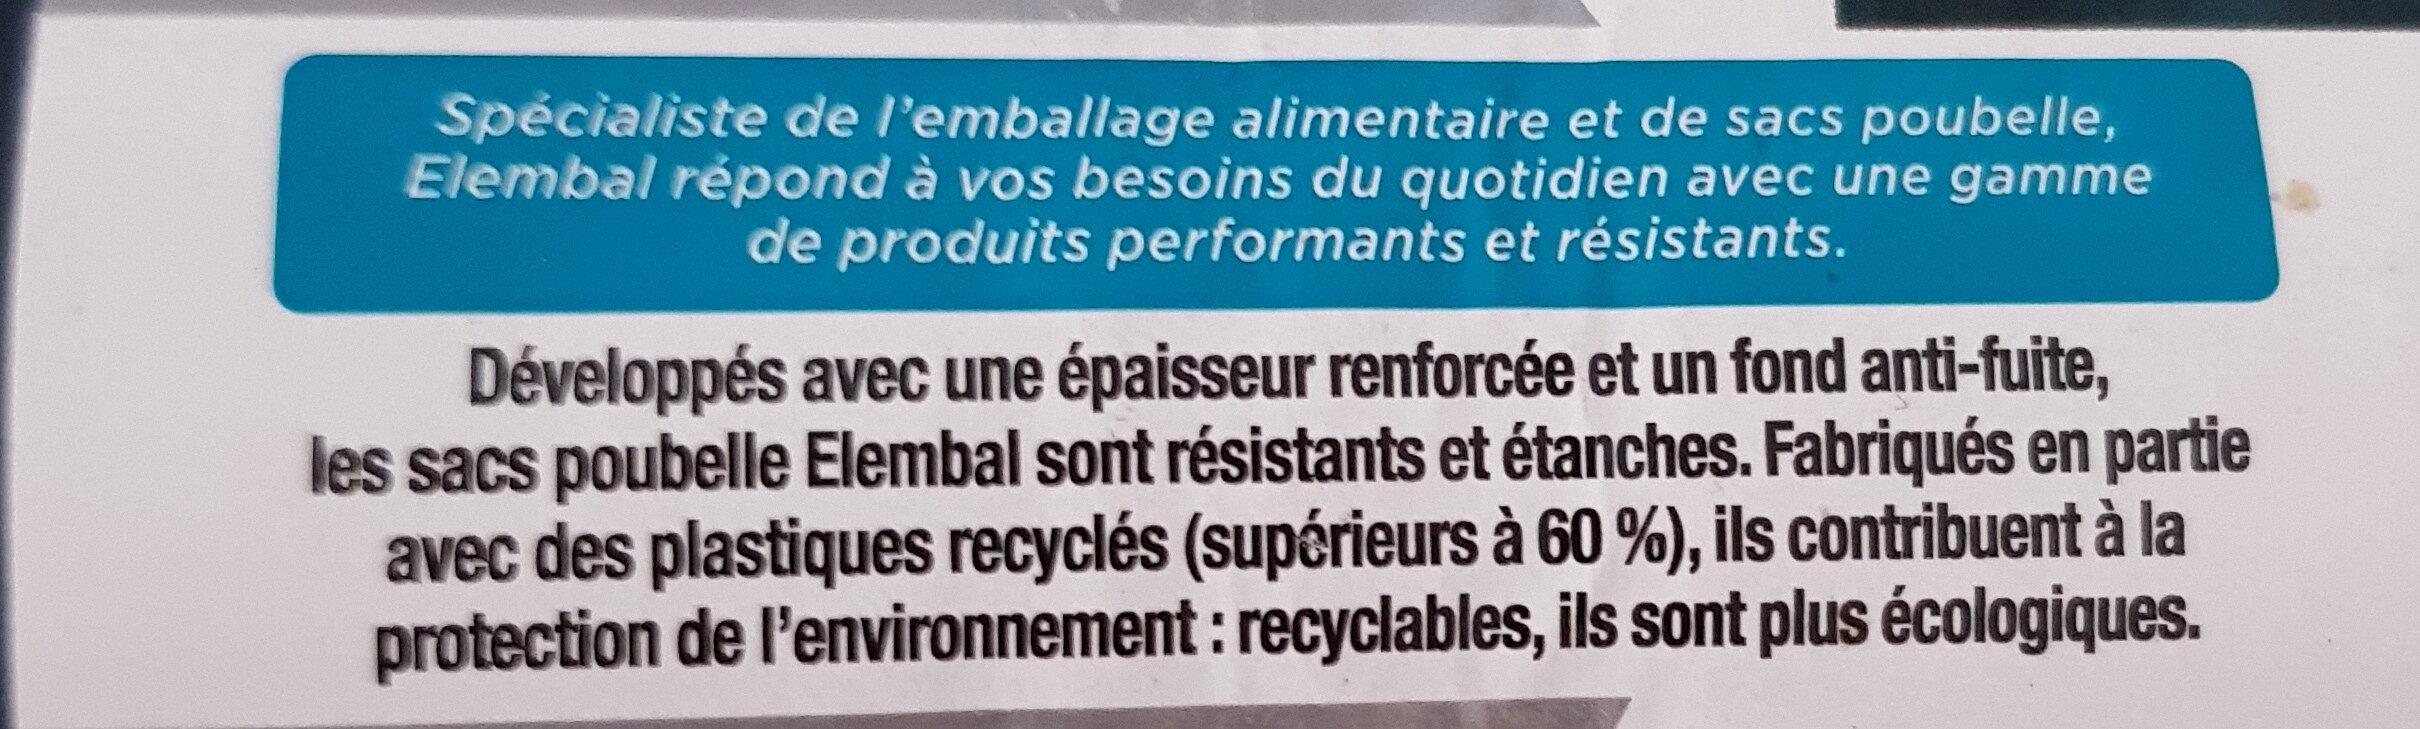 Sacs poubelles 50L - Product - fr